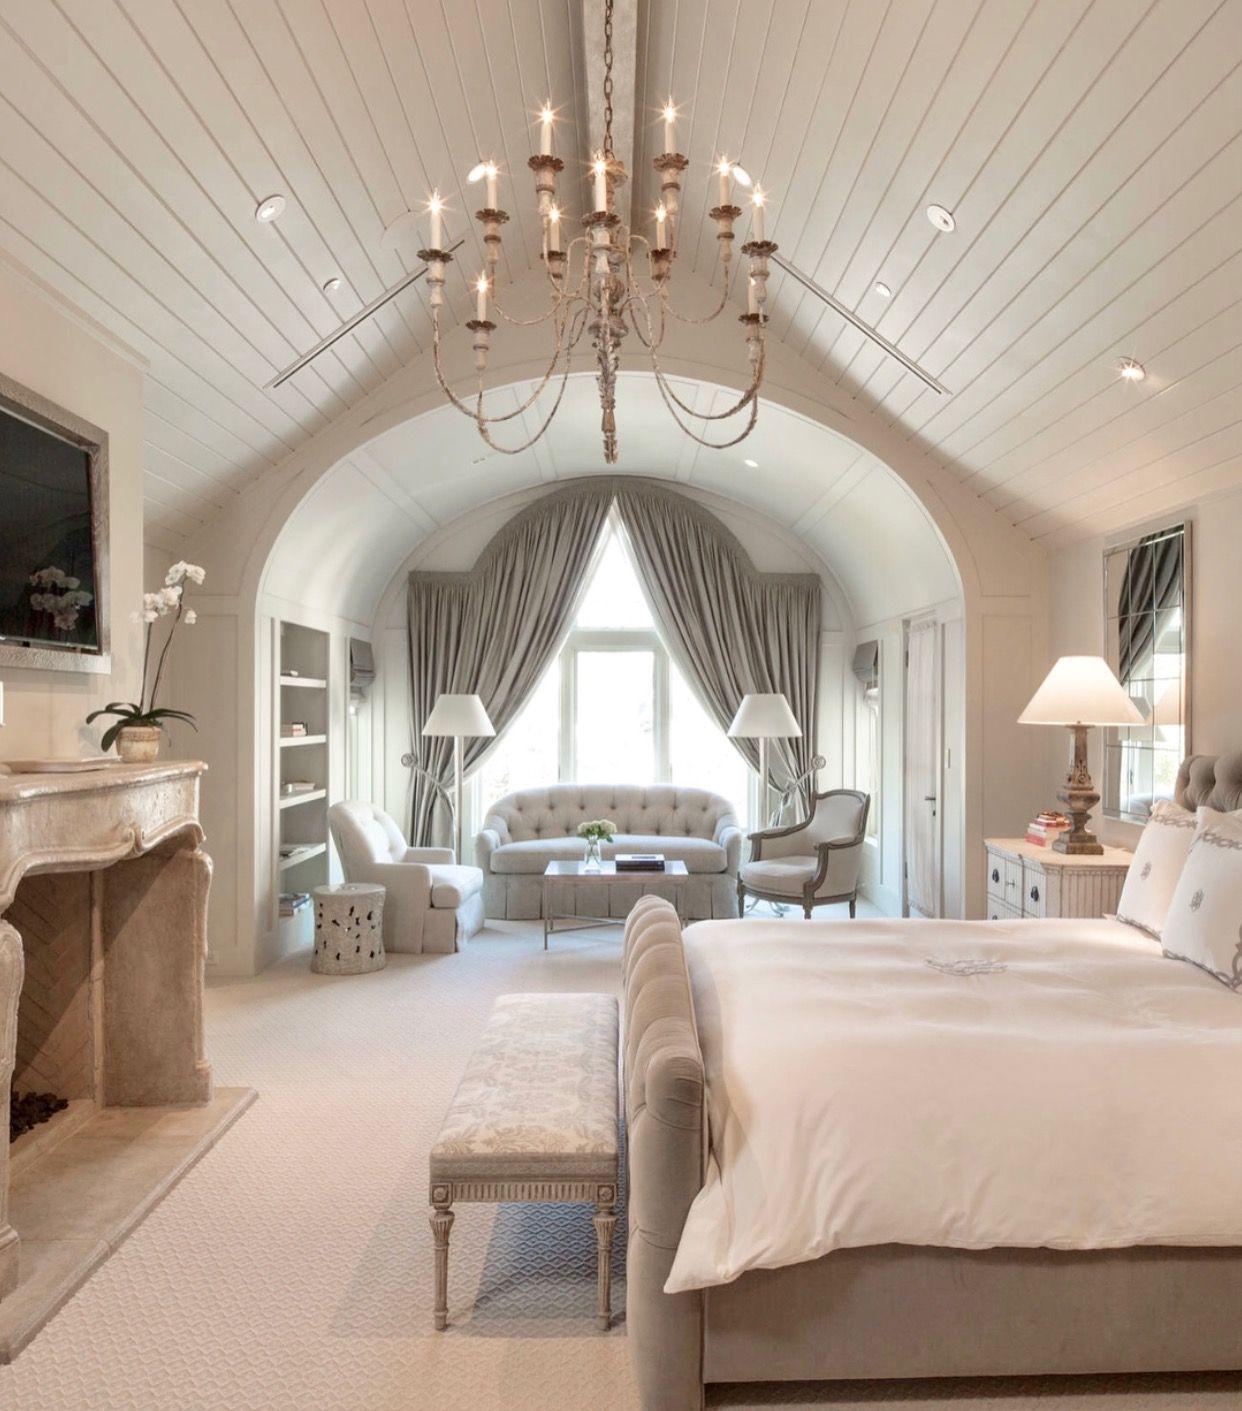 50 Luxus-Schlafzimmer-Design-Ideen, die Sie auf jeden Fall für Ihr Traumhaus wollen